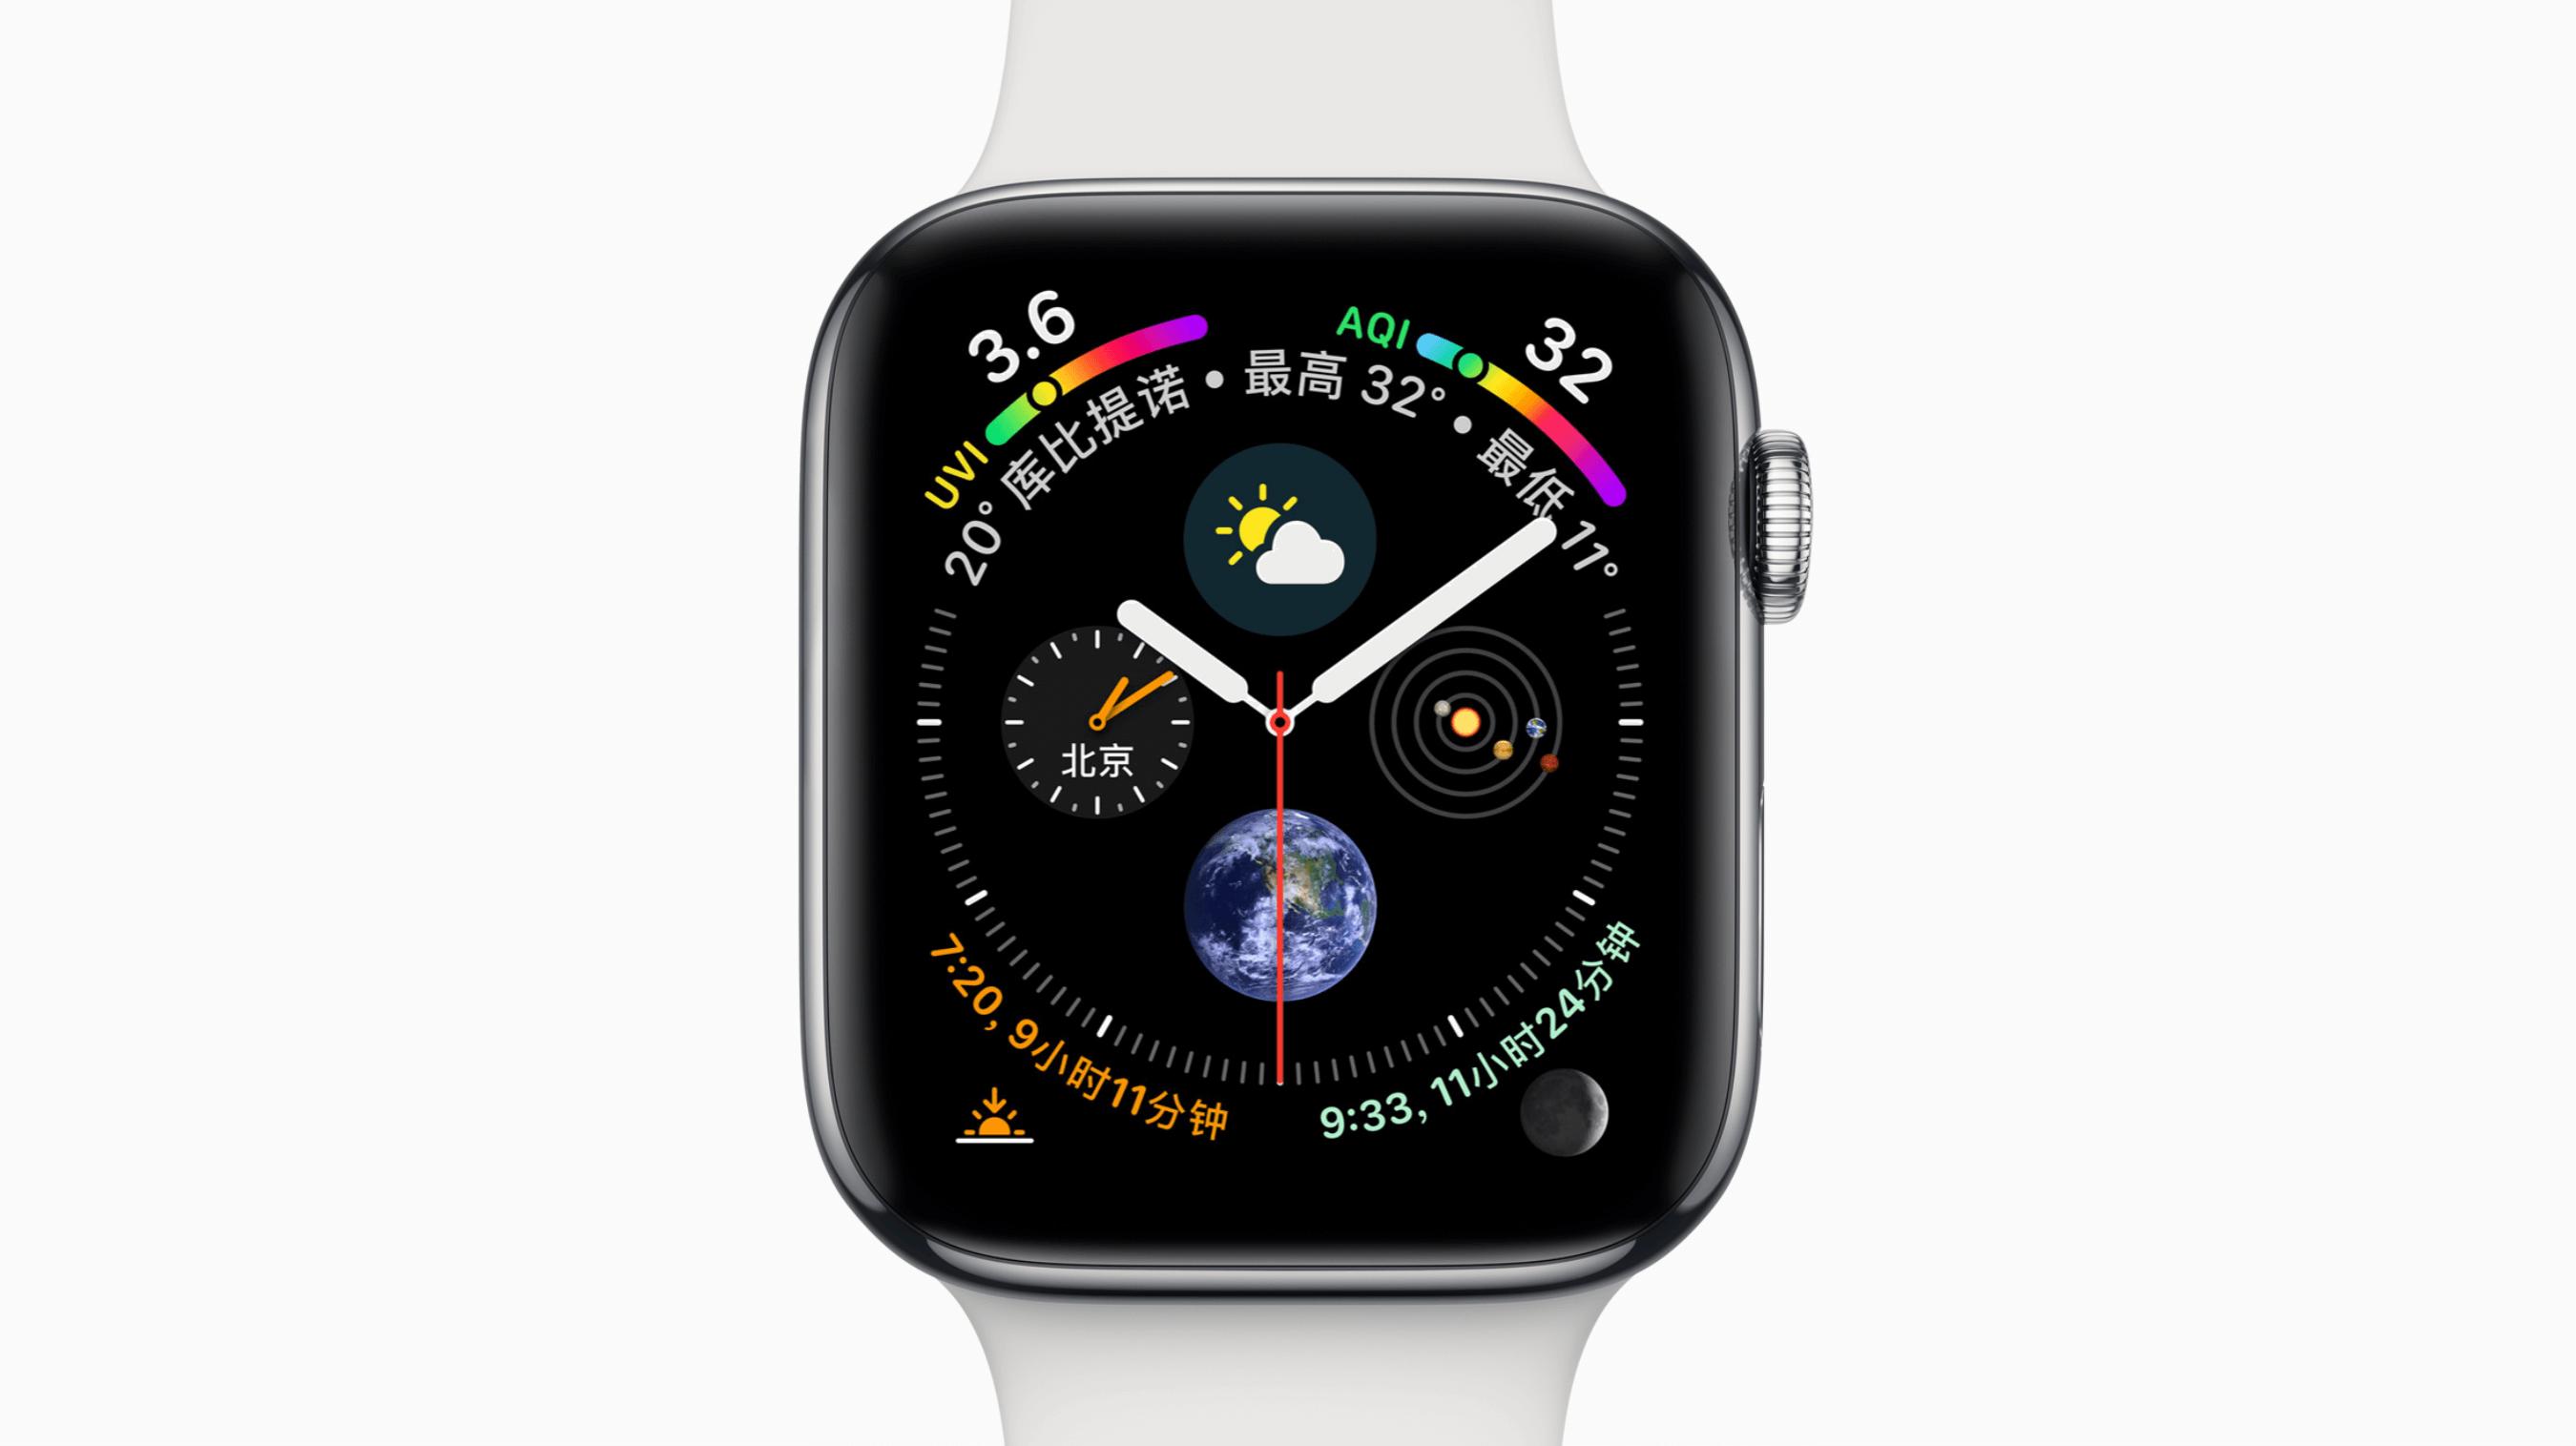 苹果展示的图文表盘「完全体」,细看之下未免显得凌乱